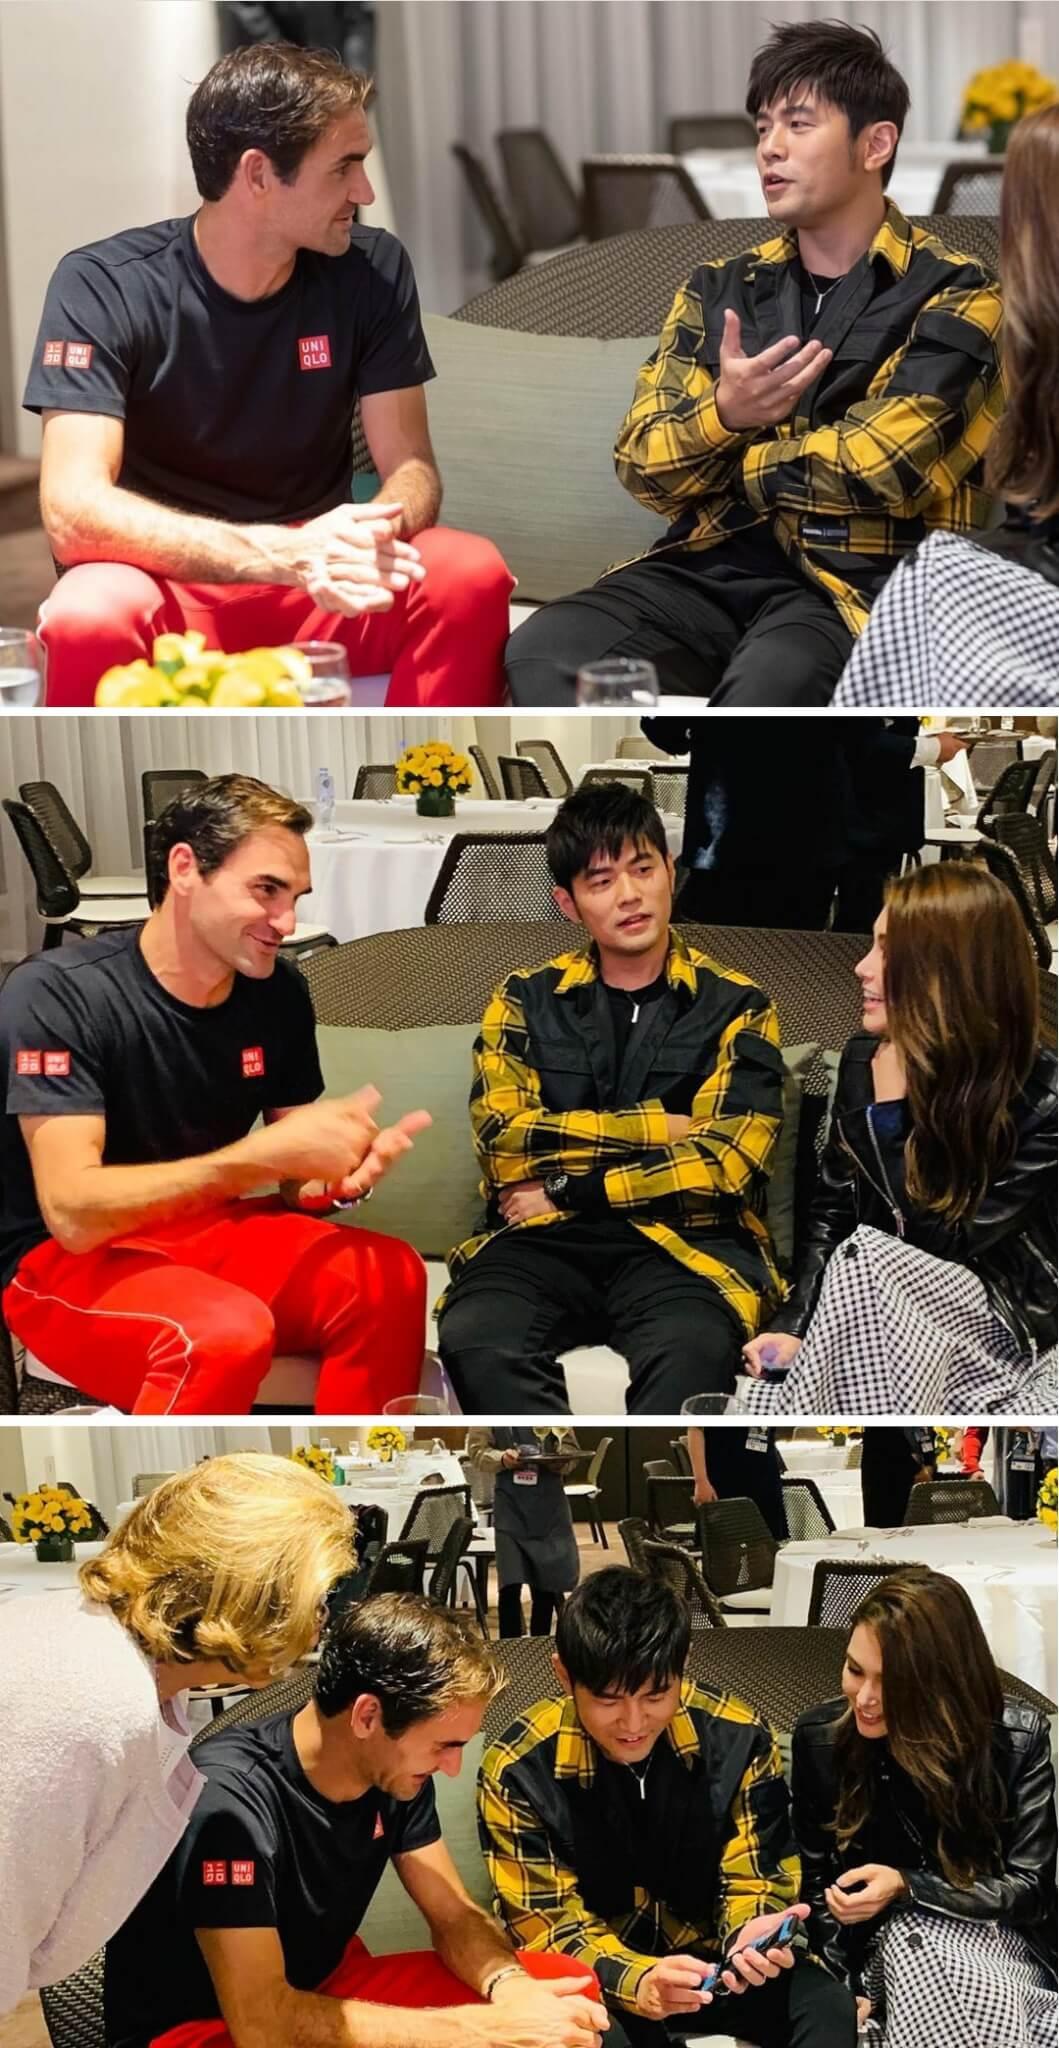 周董與昆凌於去年十月到上海欣賞網球大師賽,在後台休息室與費達拿見面,言談甚歡。